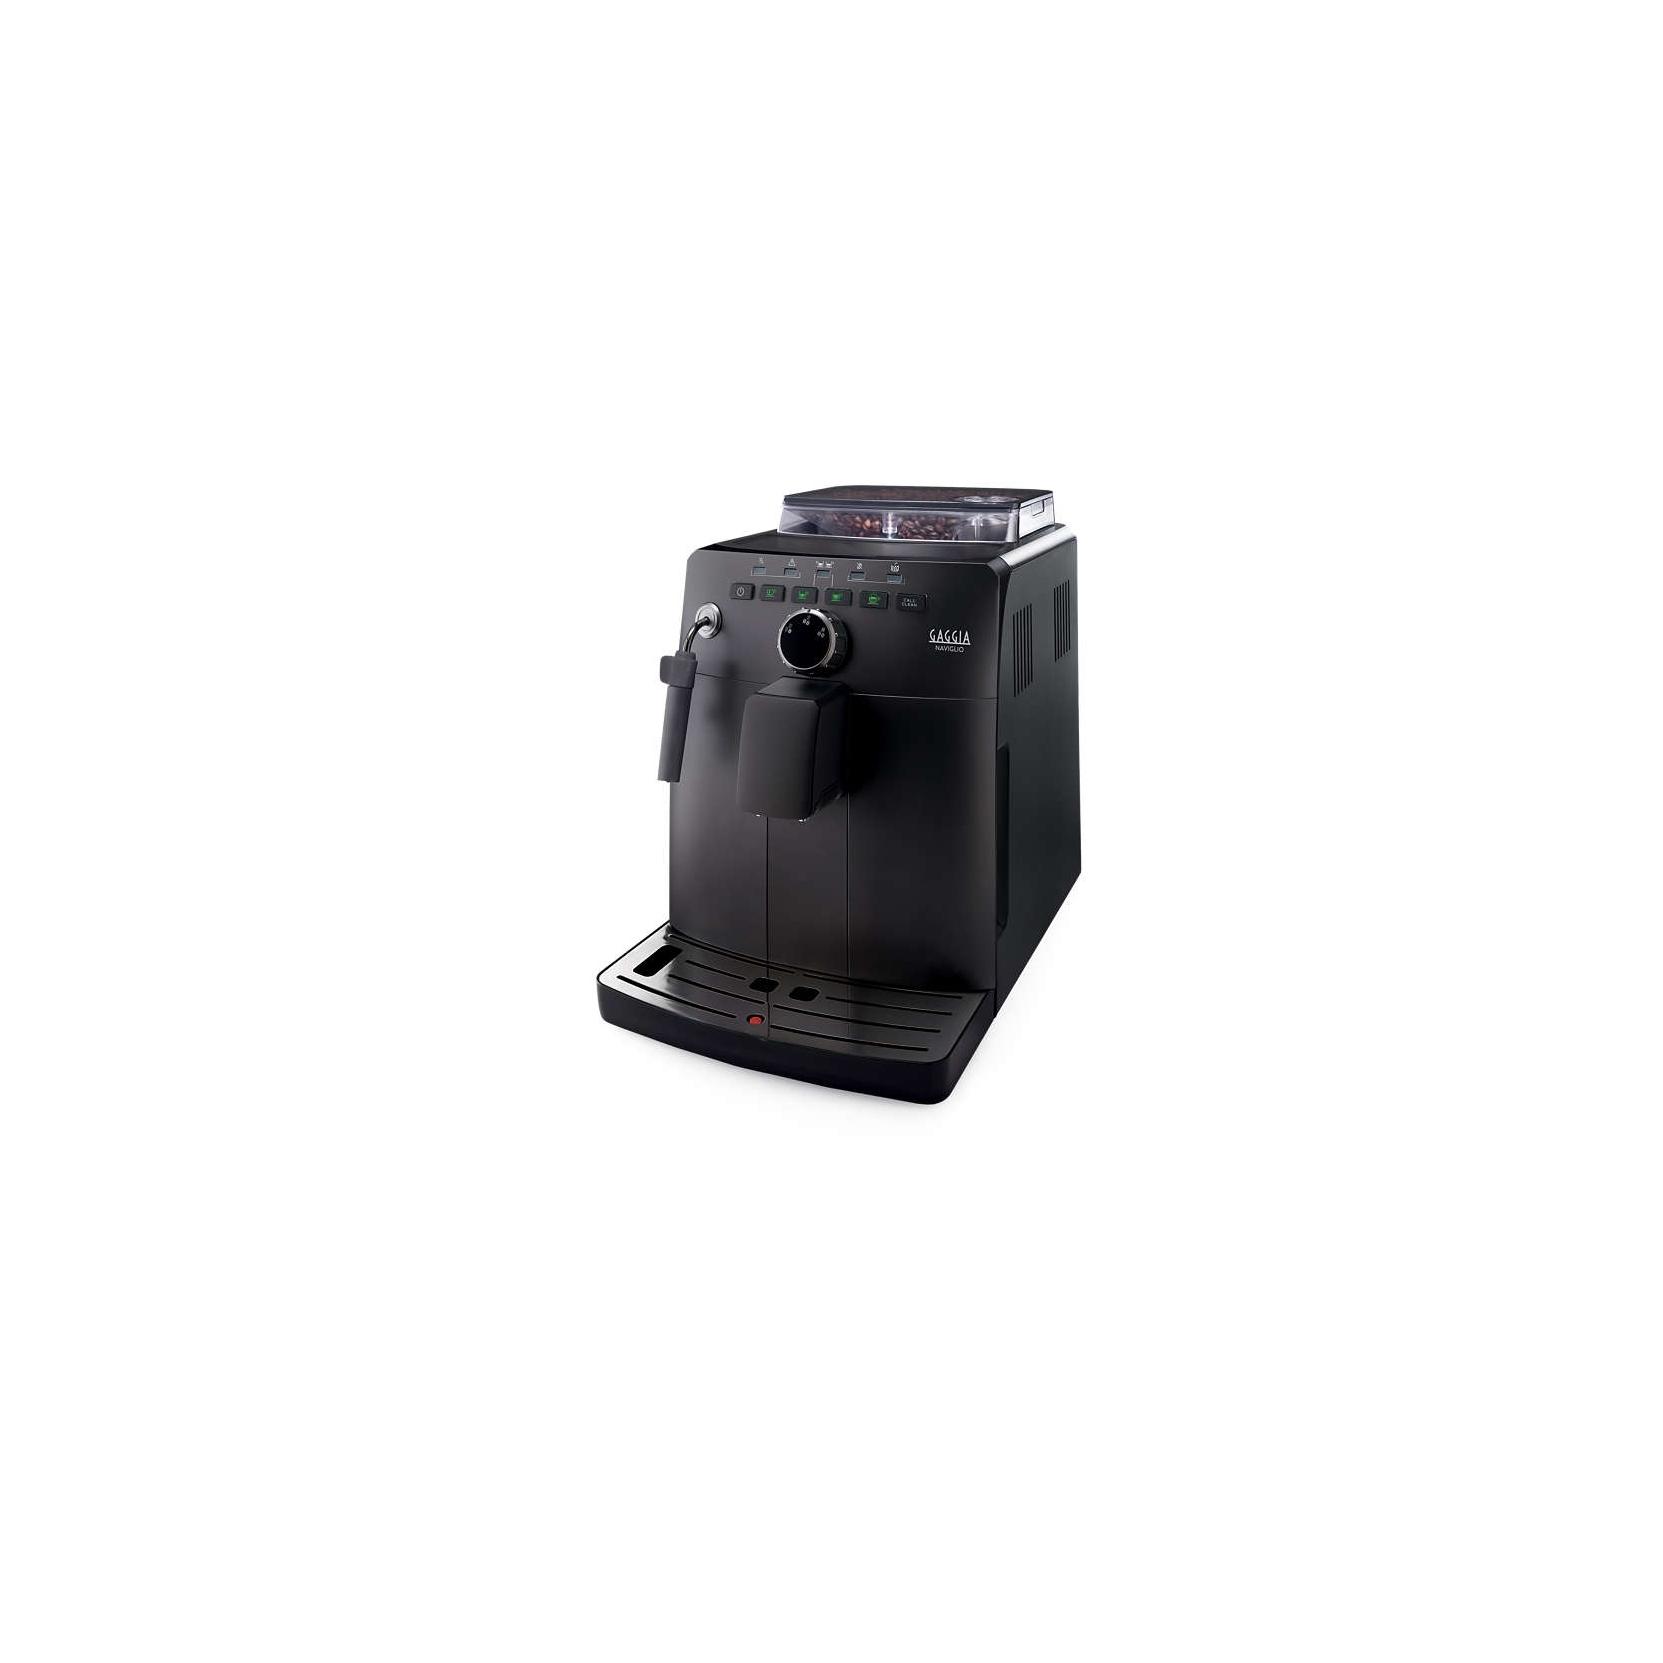 MACCHINA DA CAFFE GAGGIA NAVIGLIO BLACK HD874901